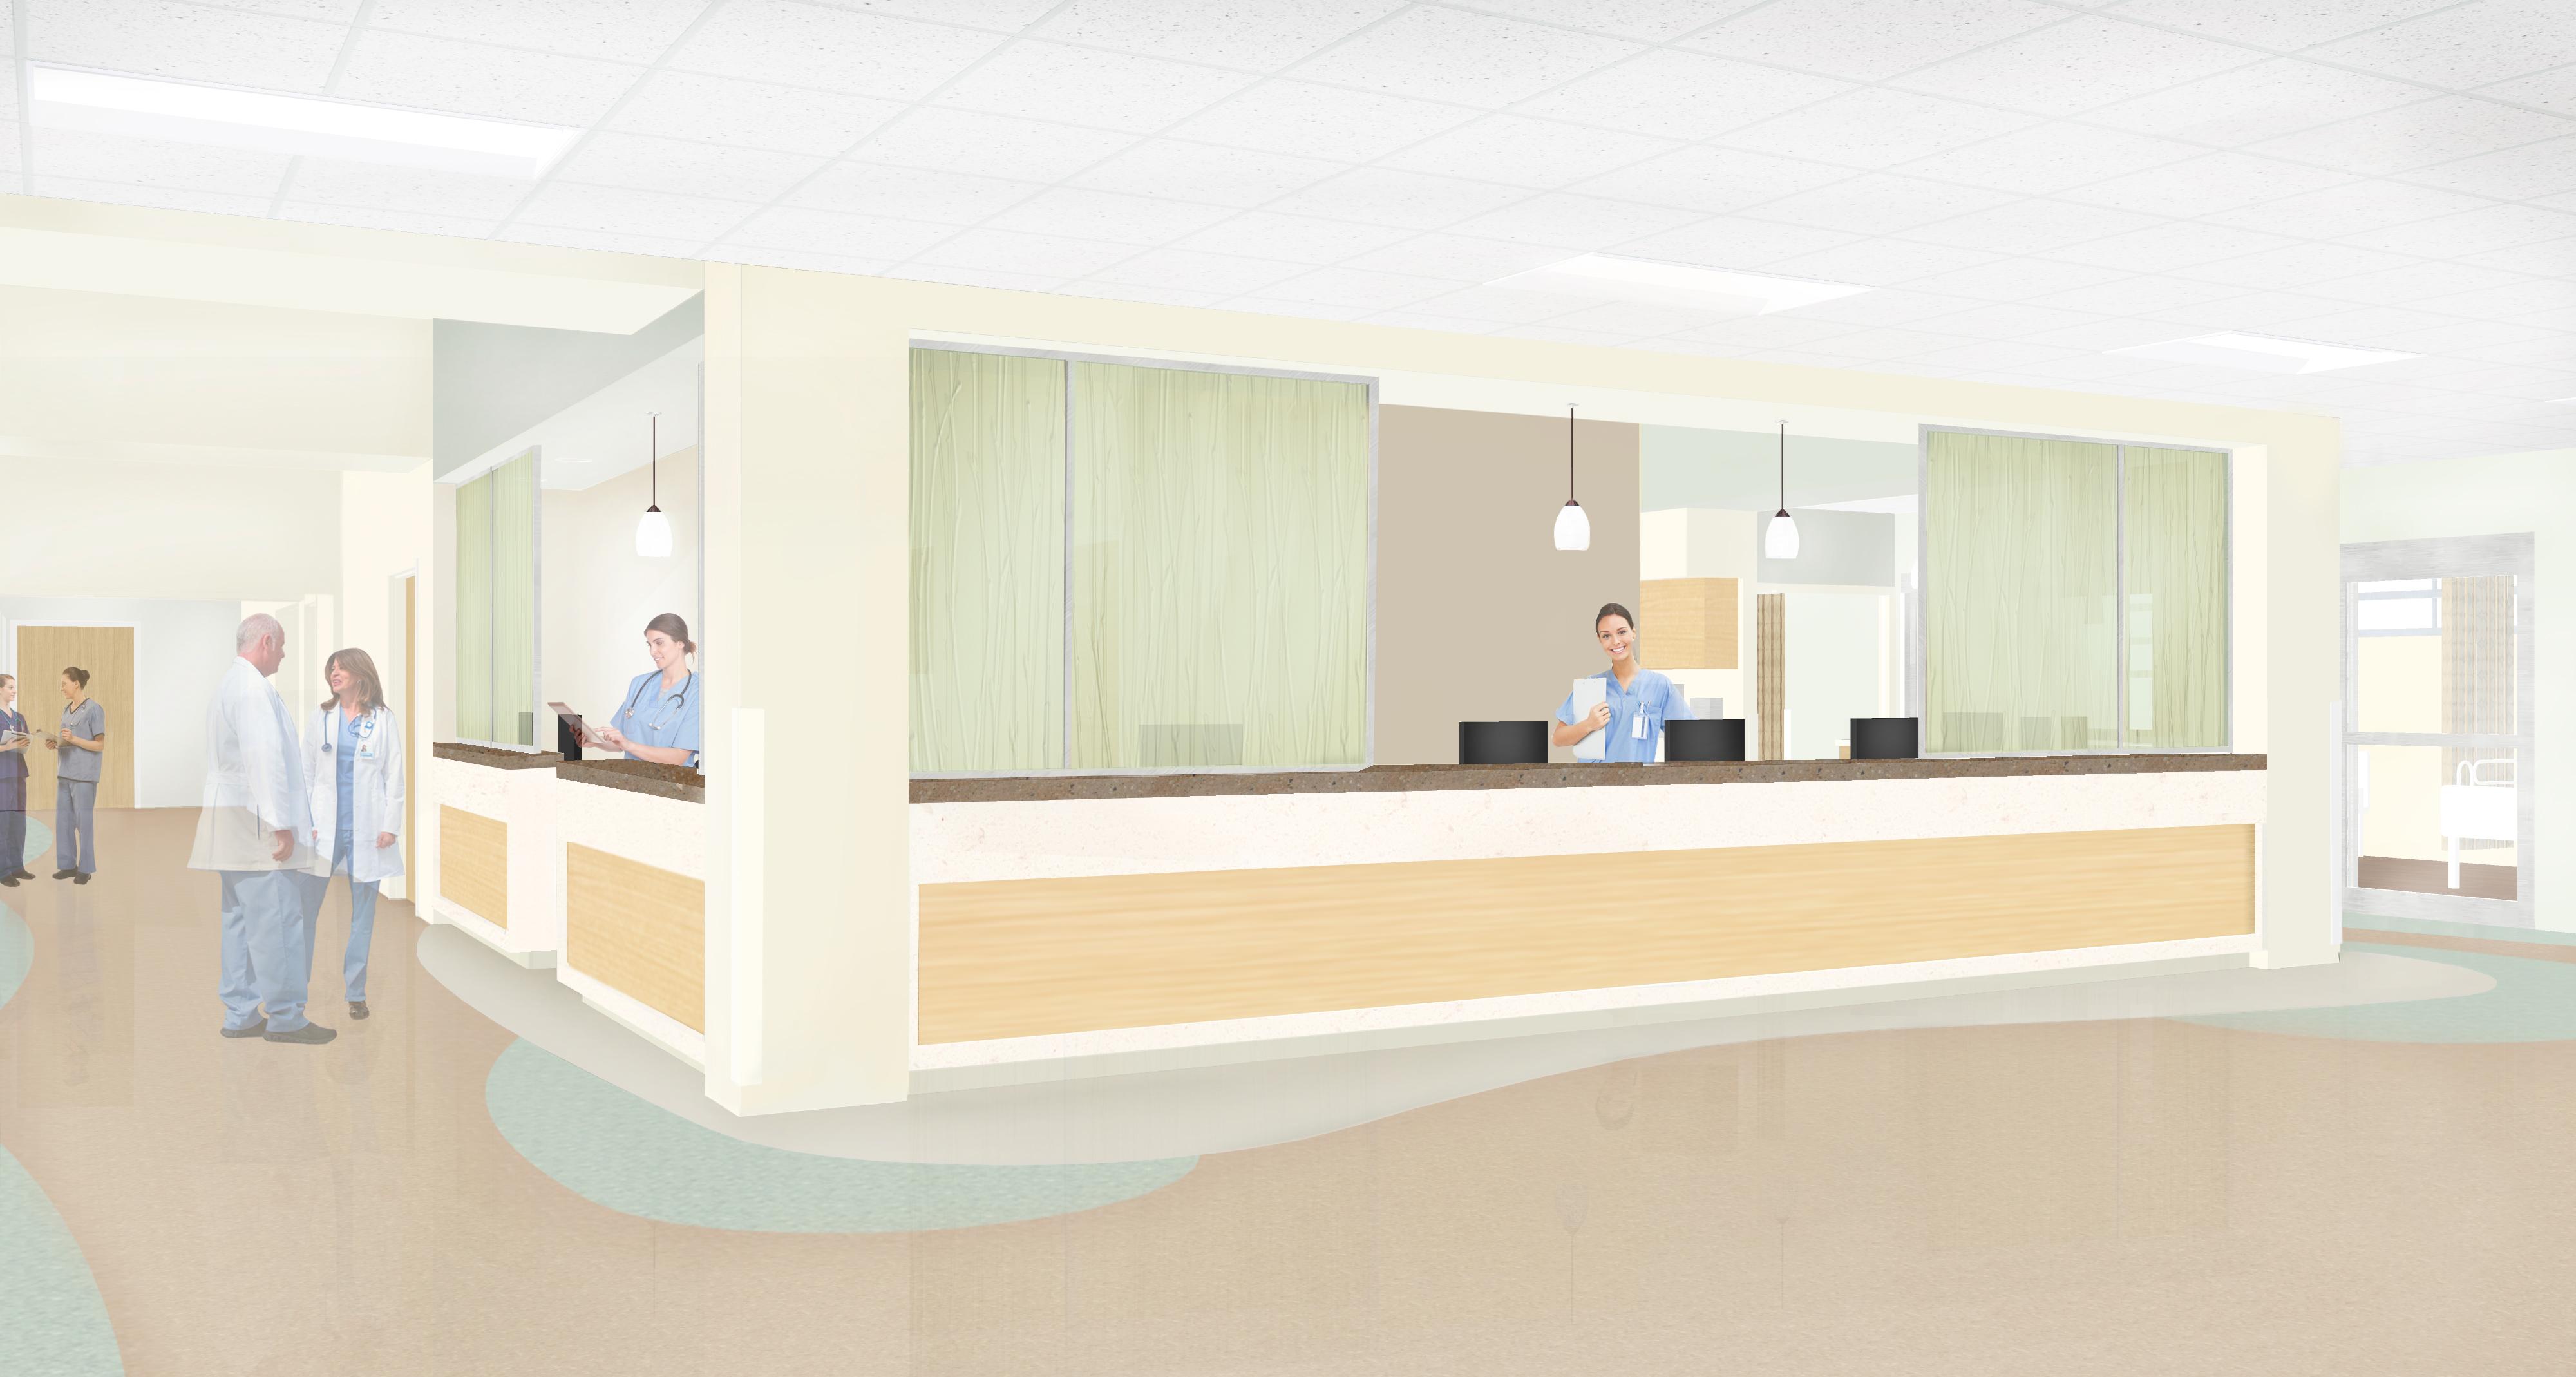 Site work begins on new freestanding E.R. » Blueprints for progress ...